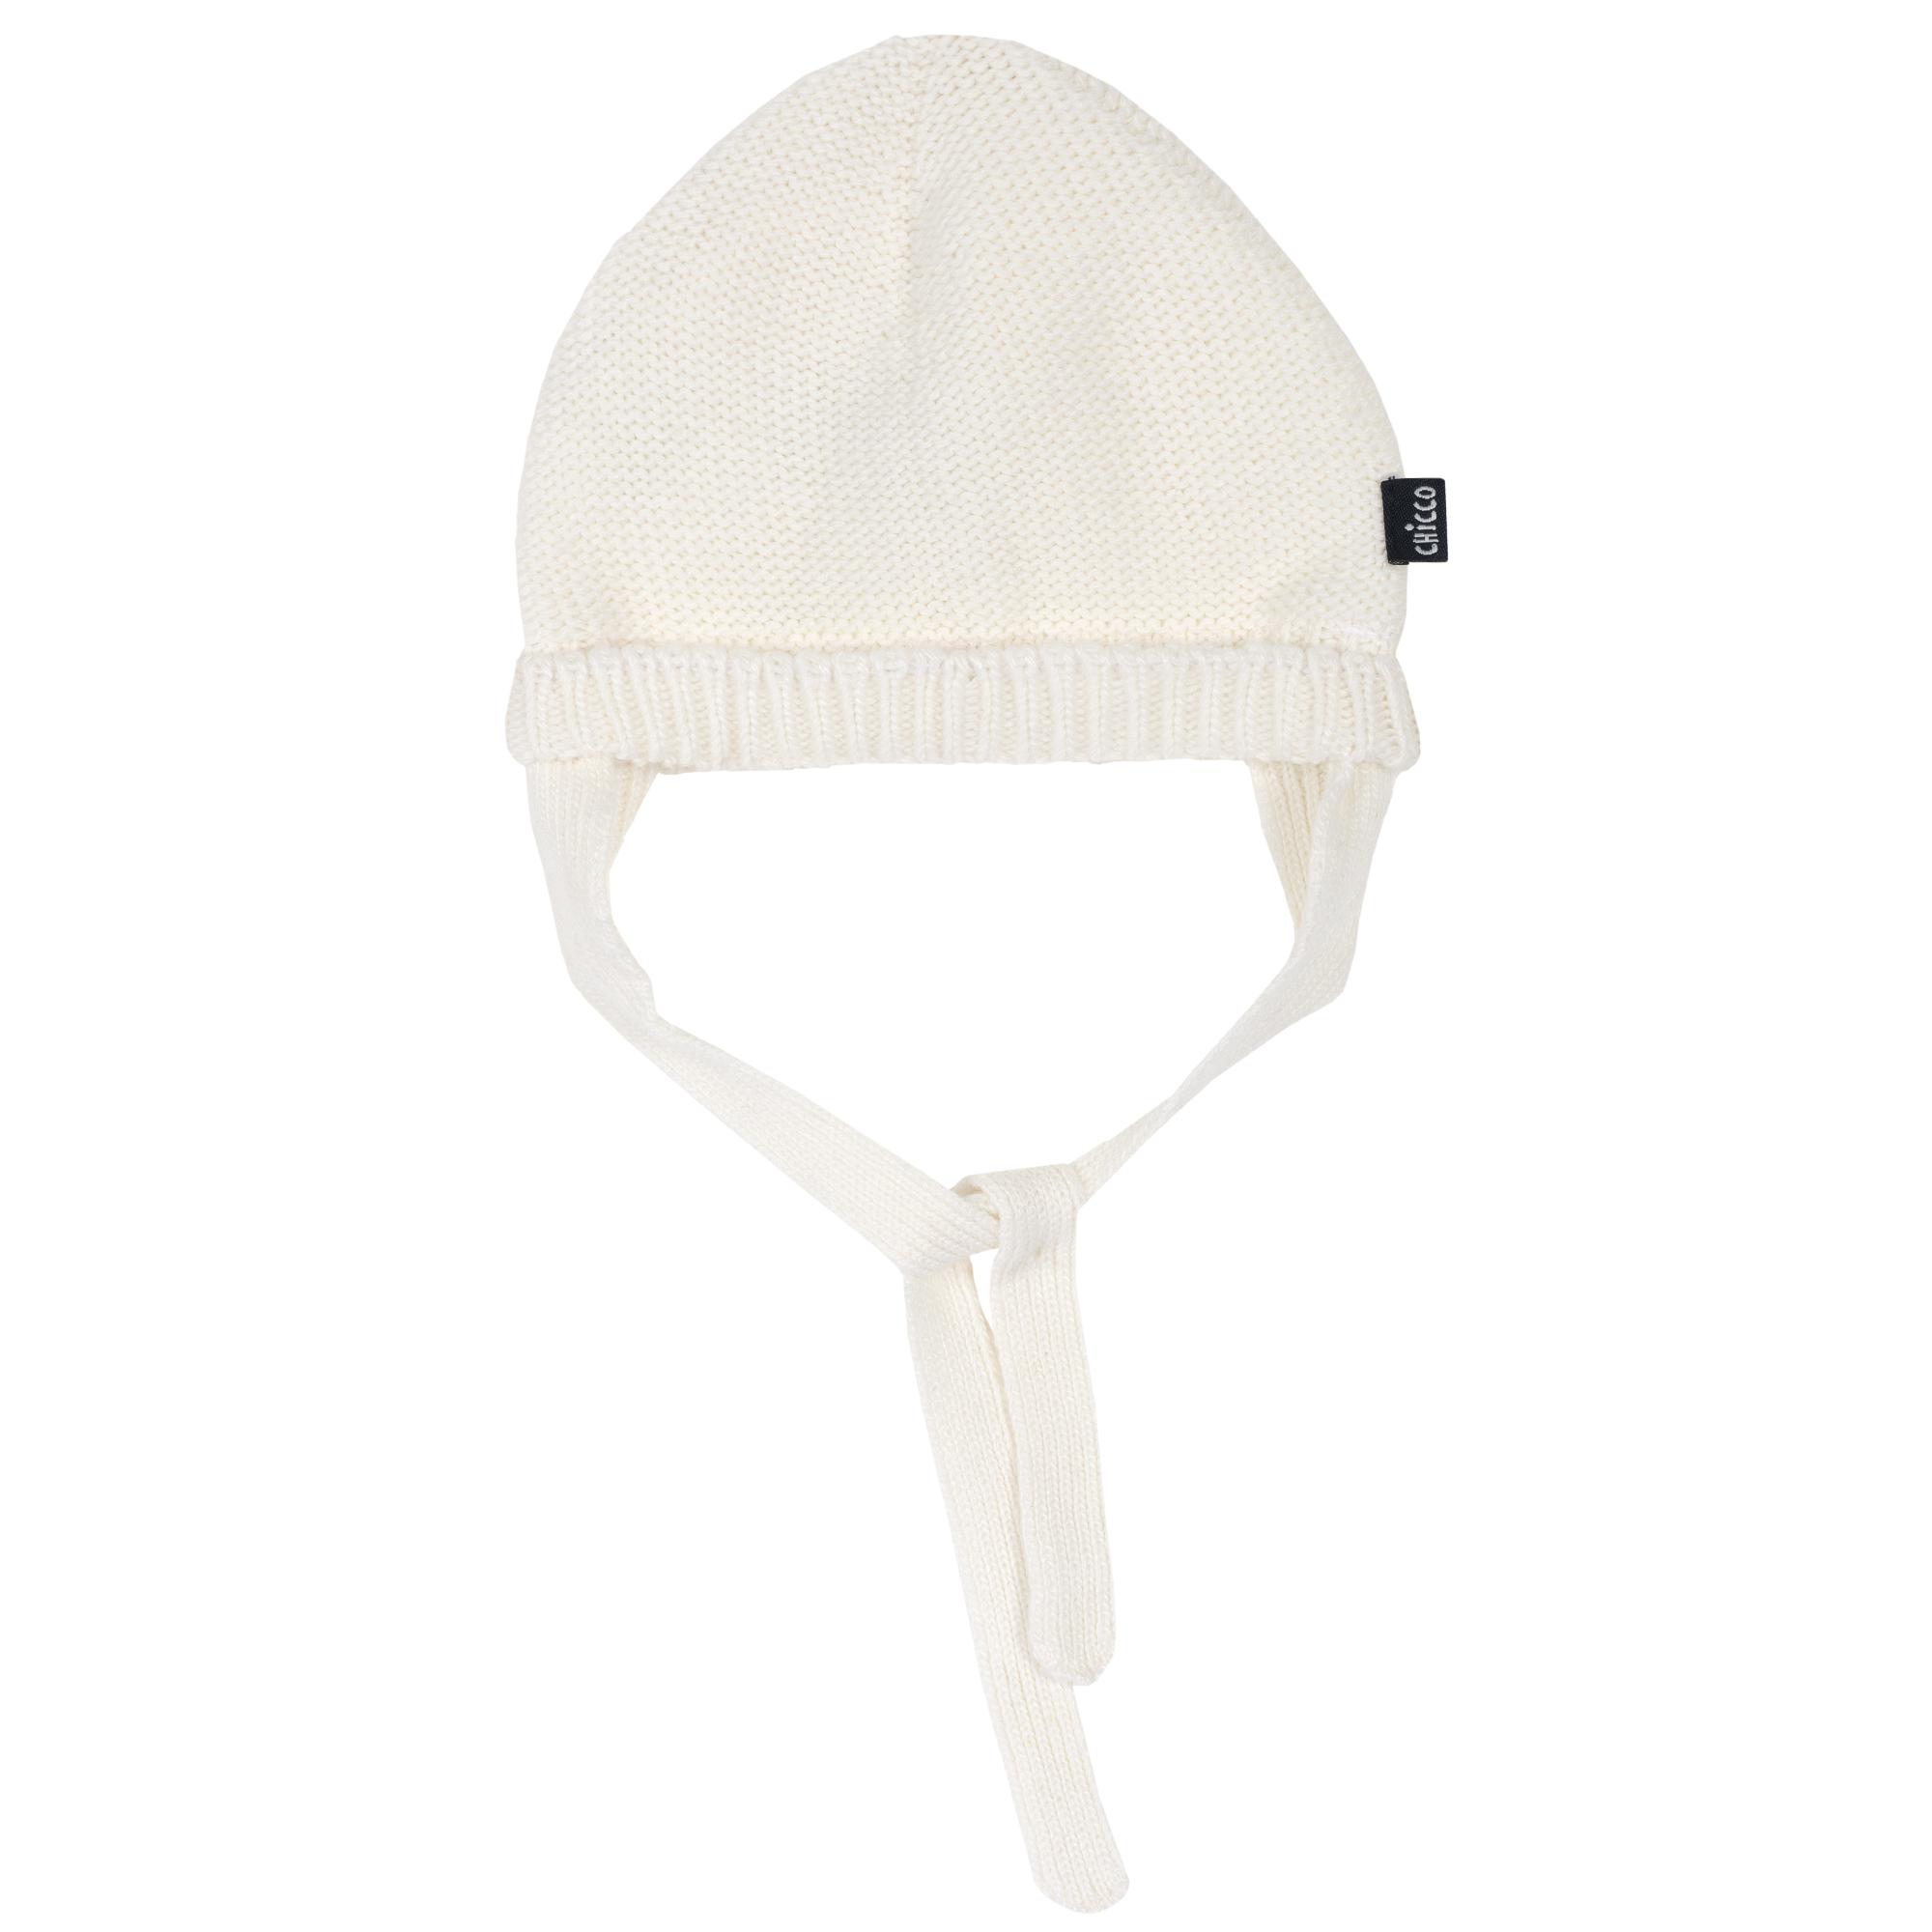 Caciula copii Chicco, tricotata, alb, 04542 din categoria Caciuli, Sepci